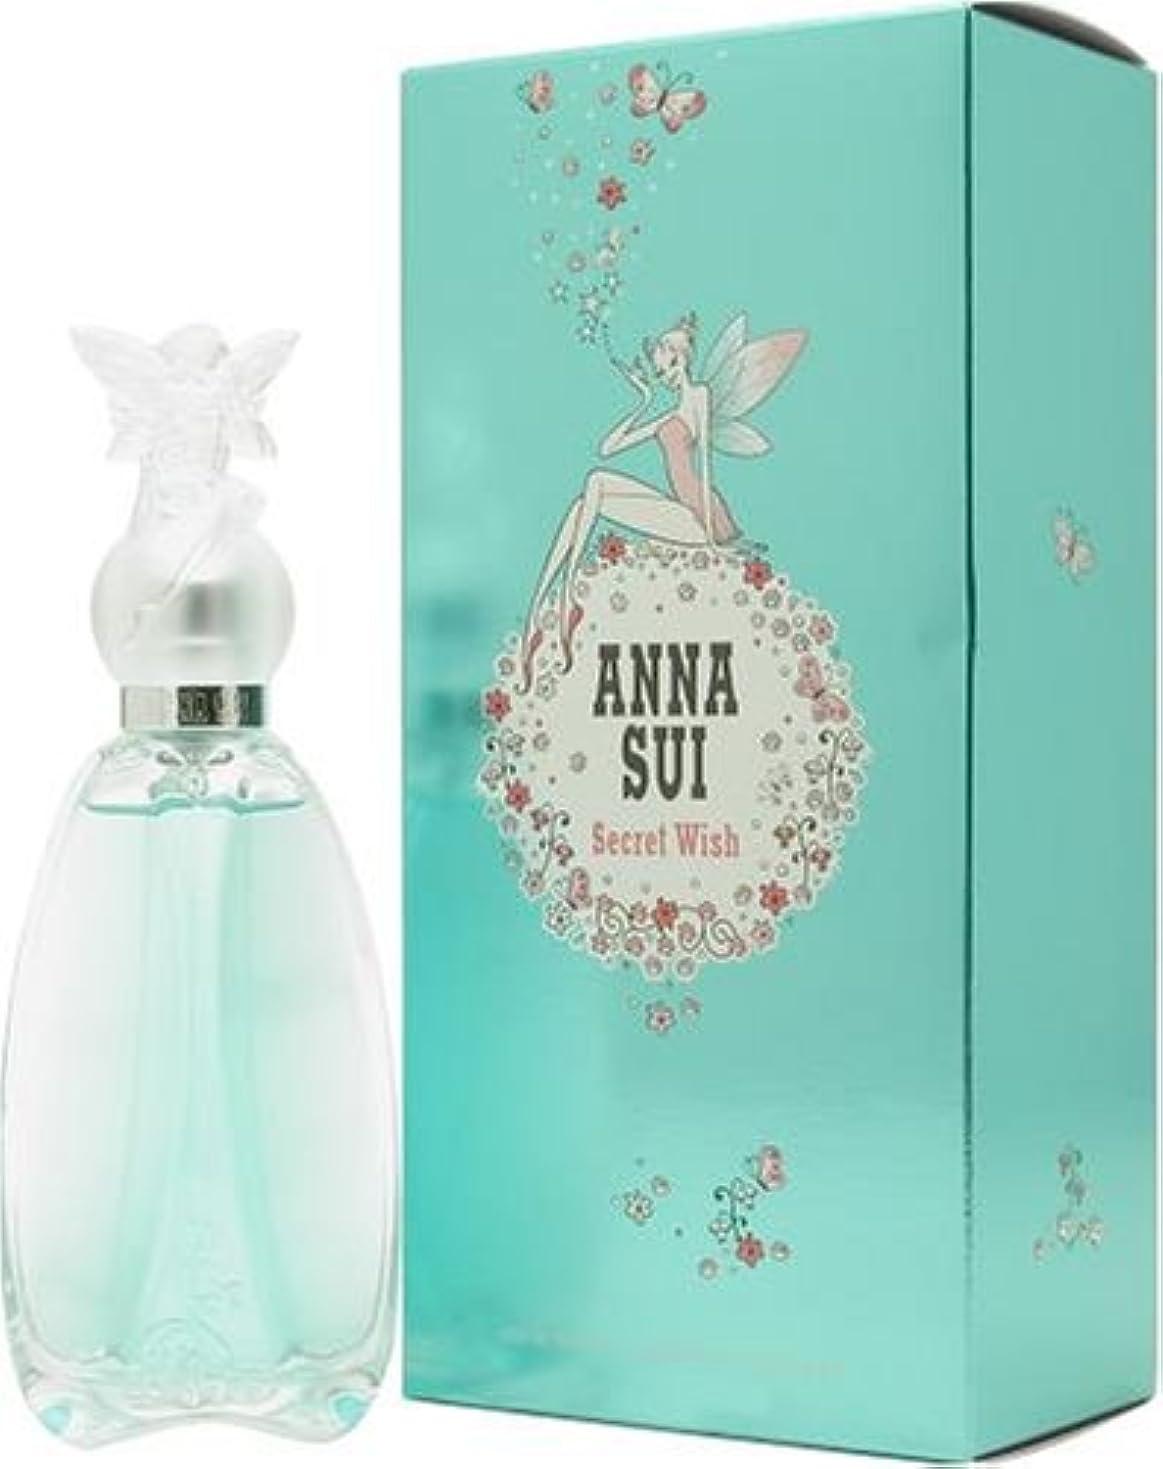 一過性スイッチ当社アナスイ ANNA SUI シークレット ウィッシュ オードトワレ EDT 30mL 香水